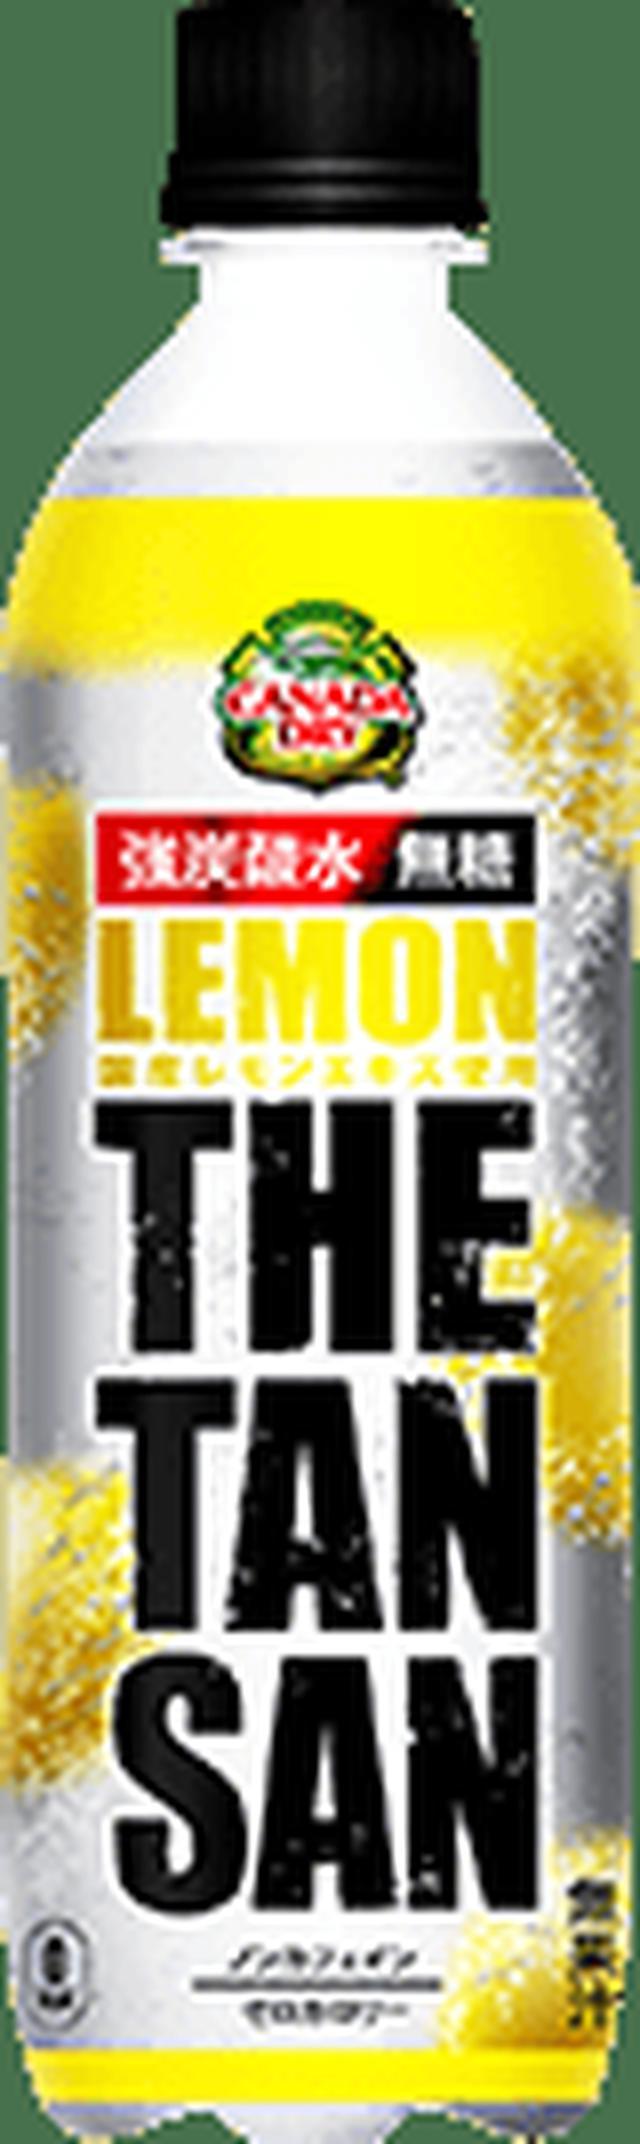 画像5: 夏本番!「レモンフレーバー×炭酸」で爽やかにいこう!